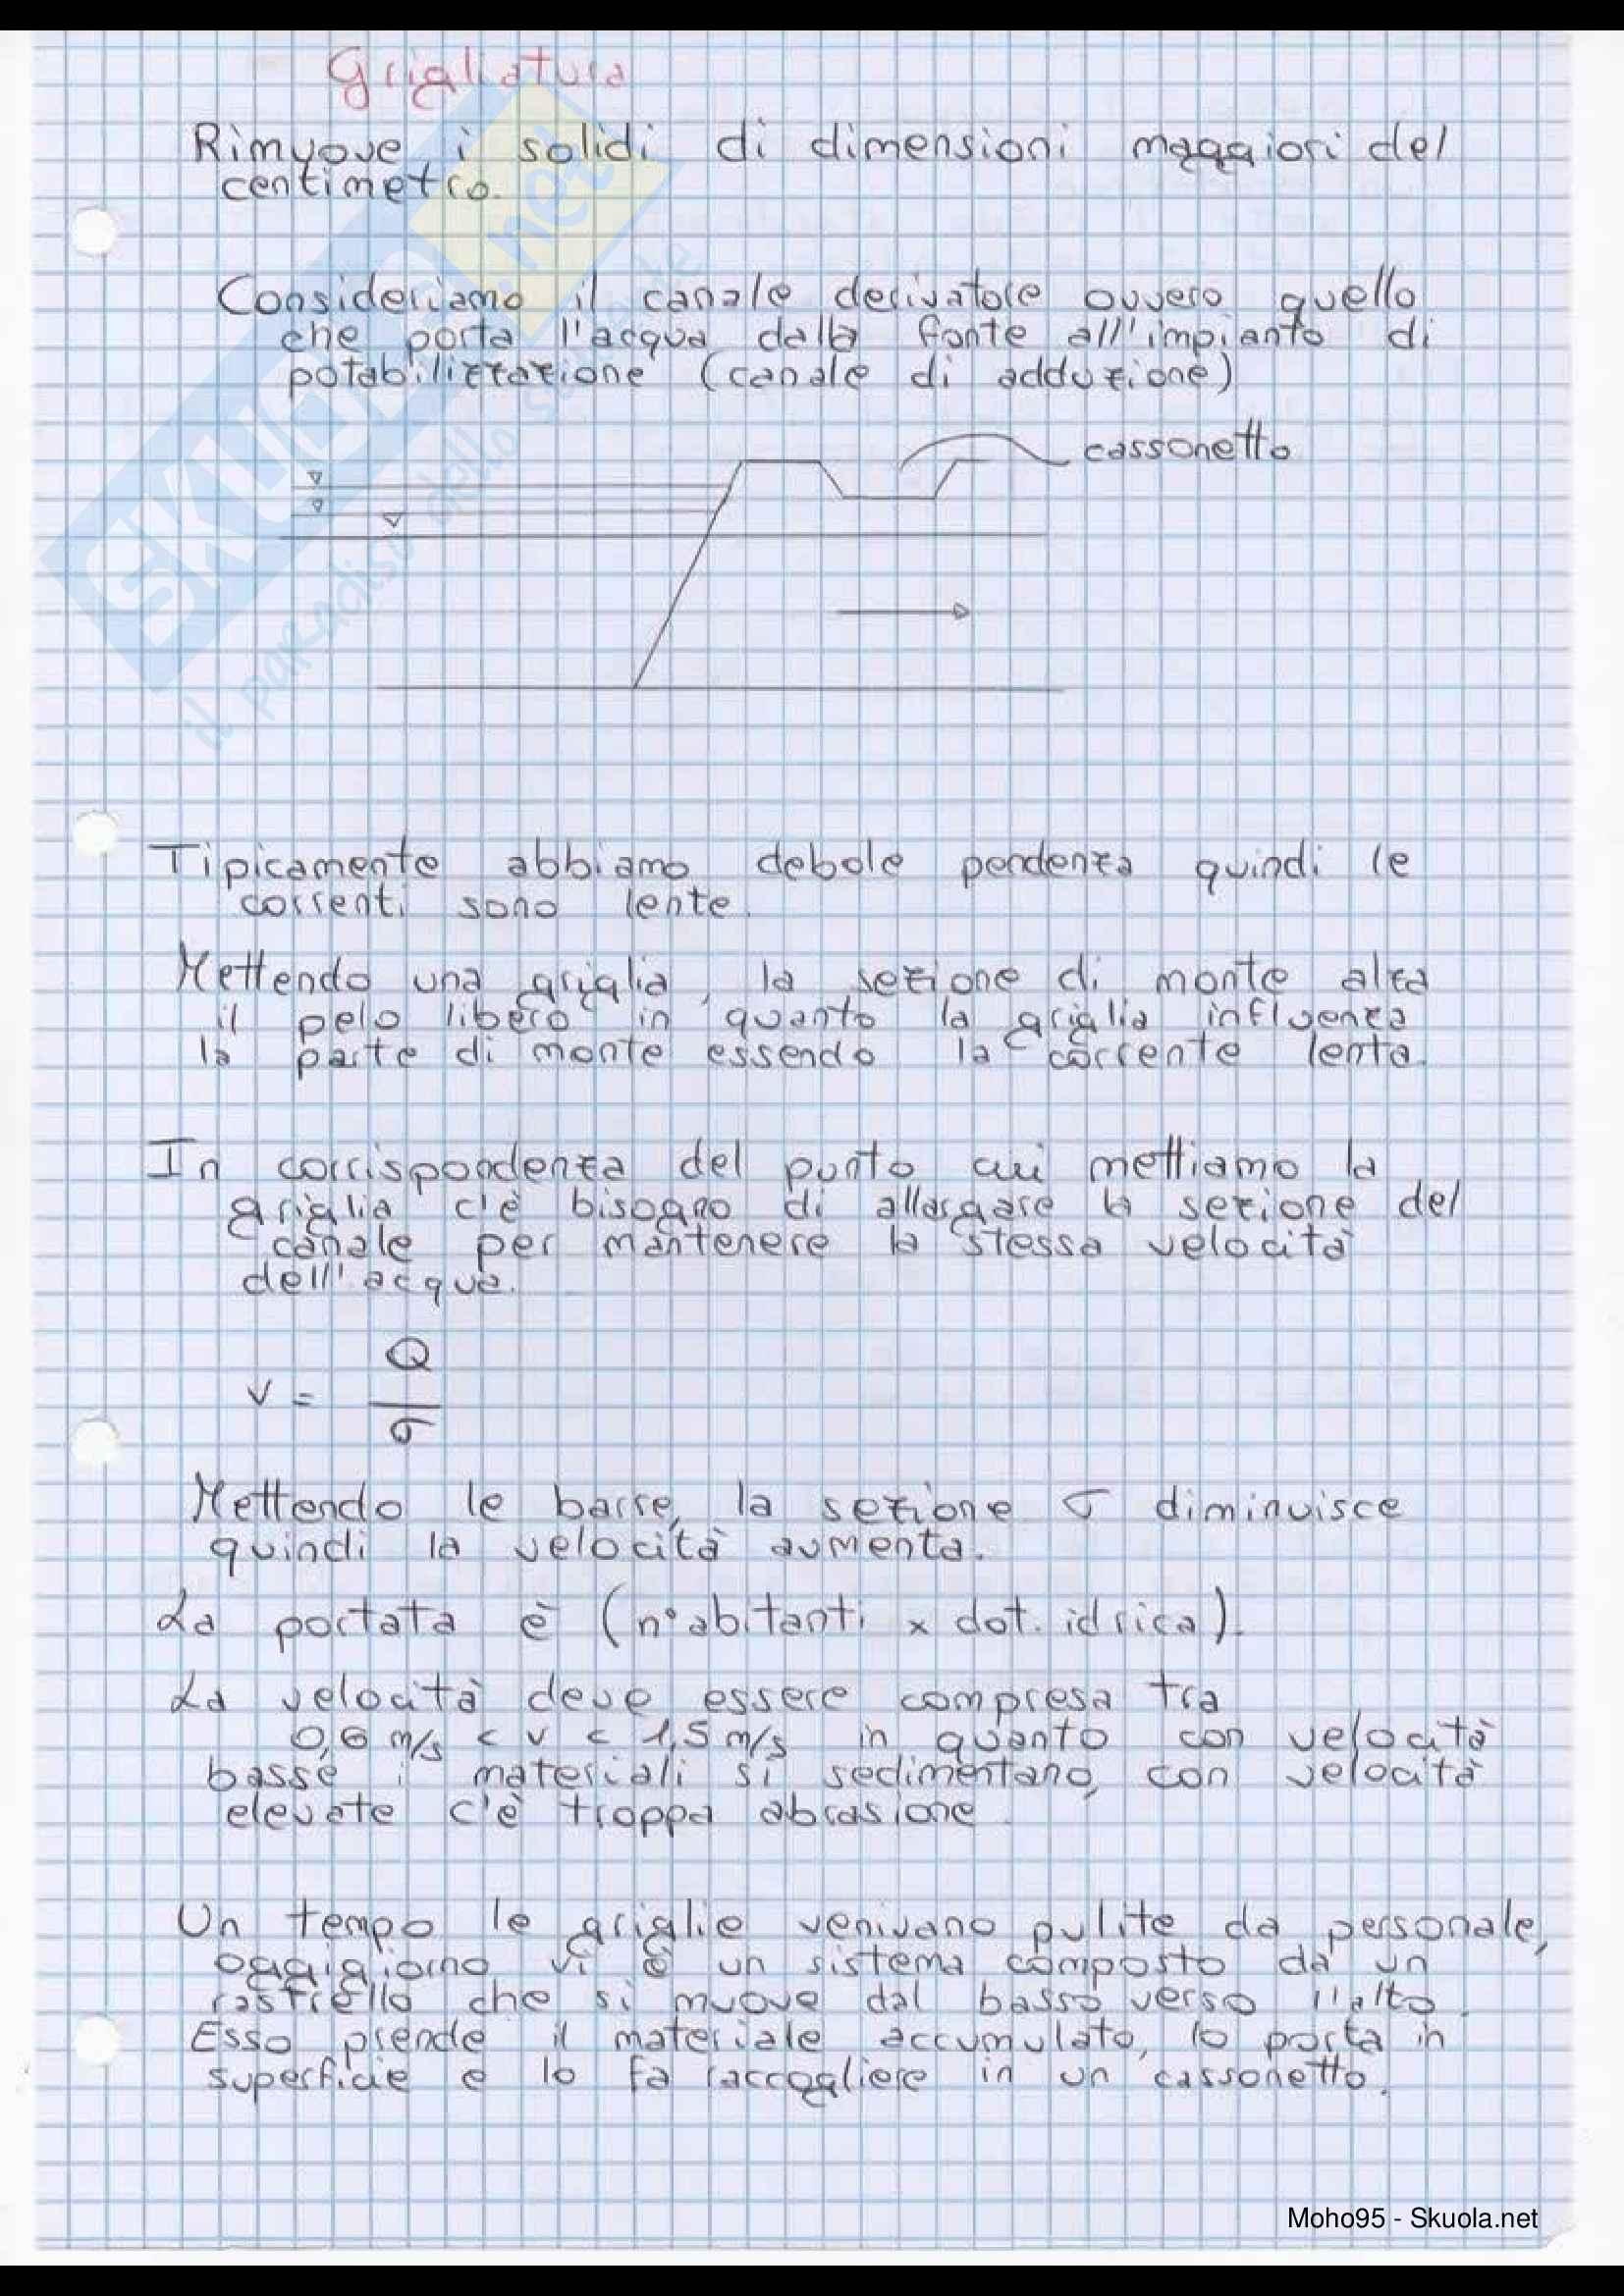 Ingegneria sanitaria ambientale - Teoria ed esercitazioni Pag. 11